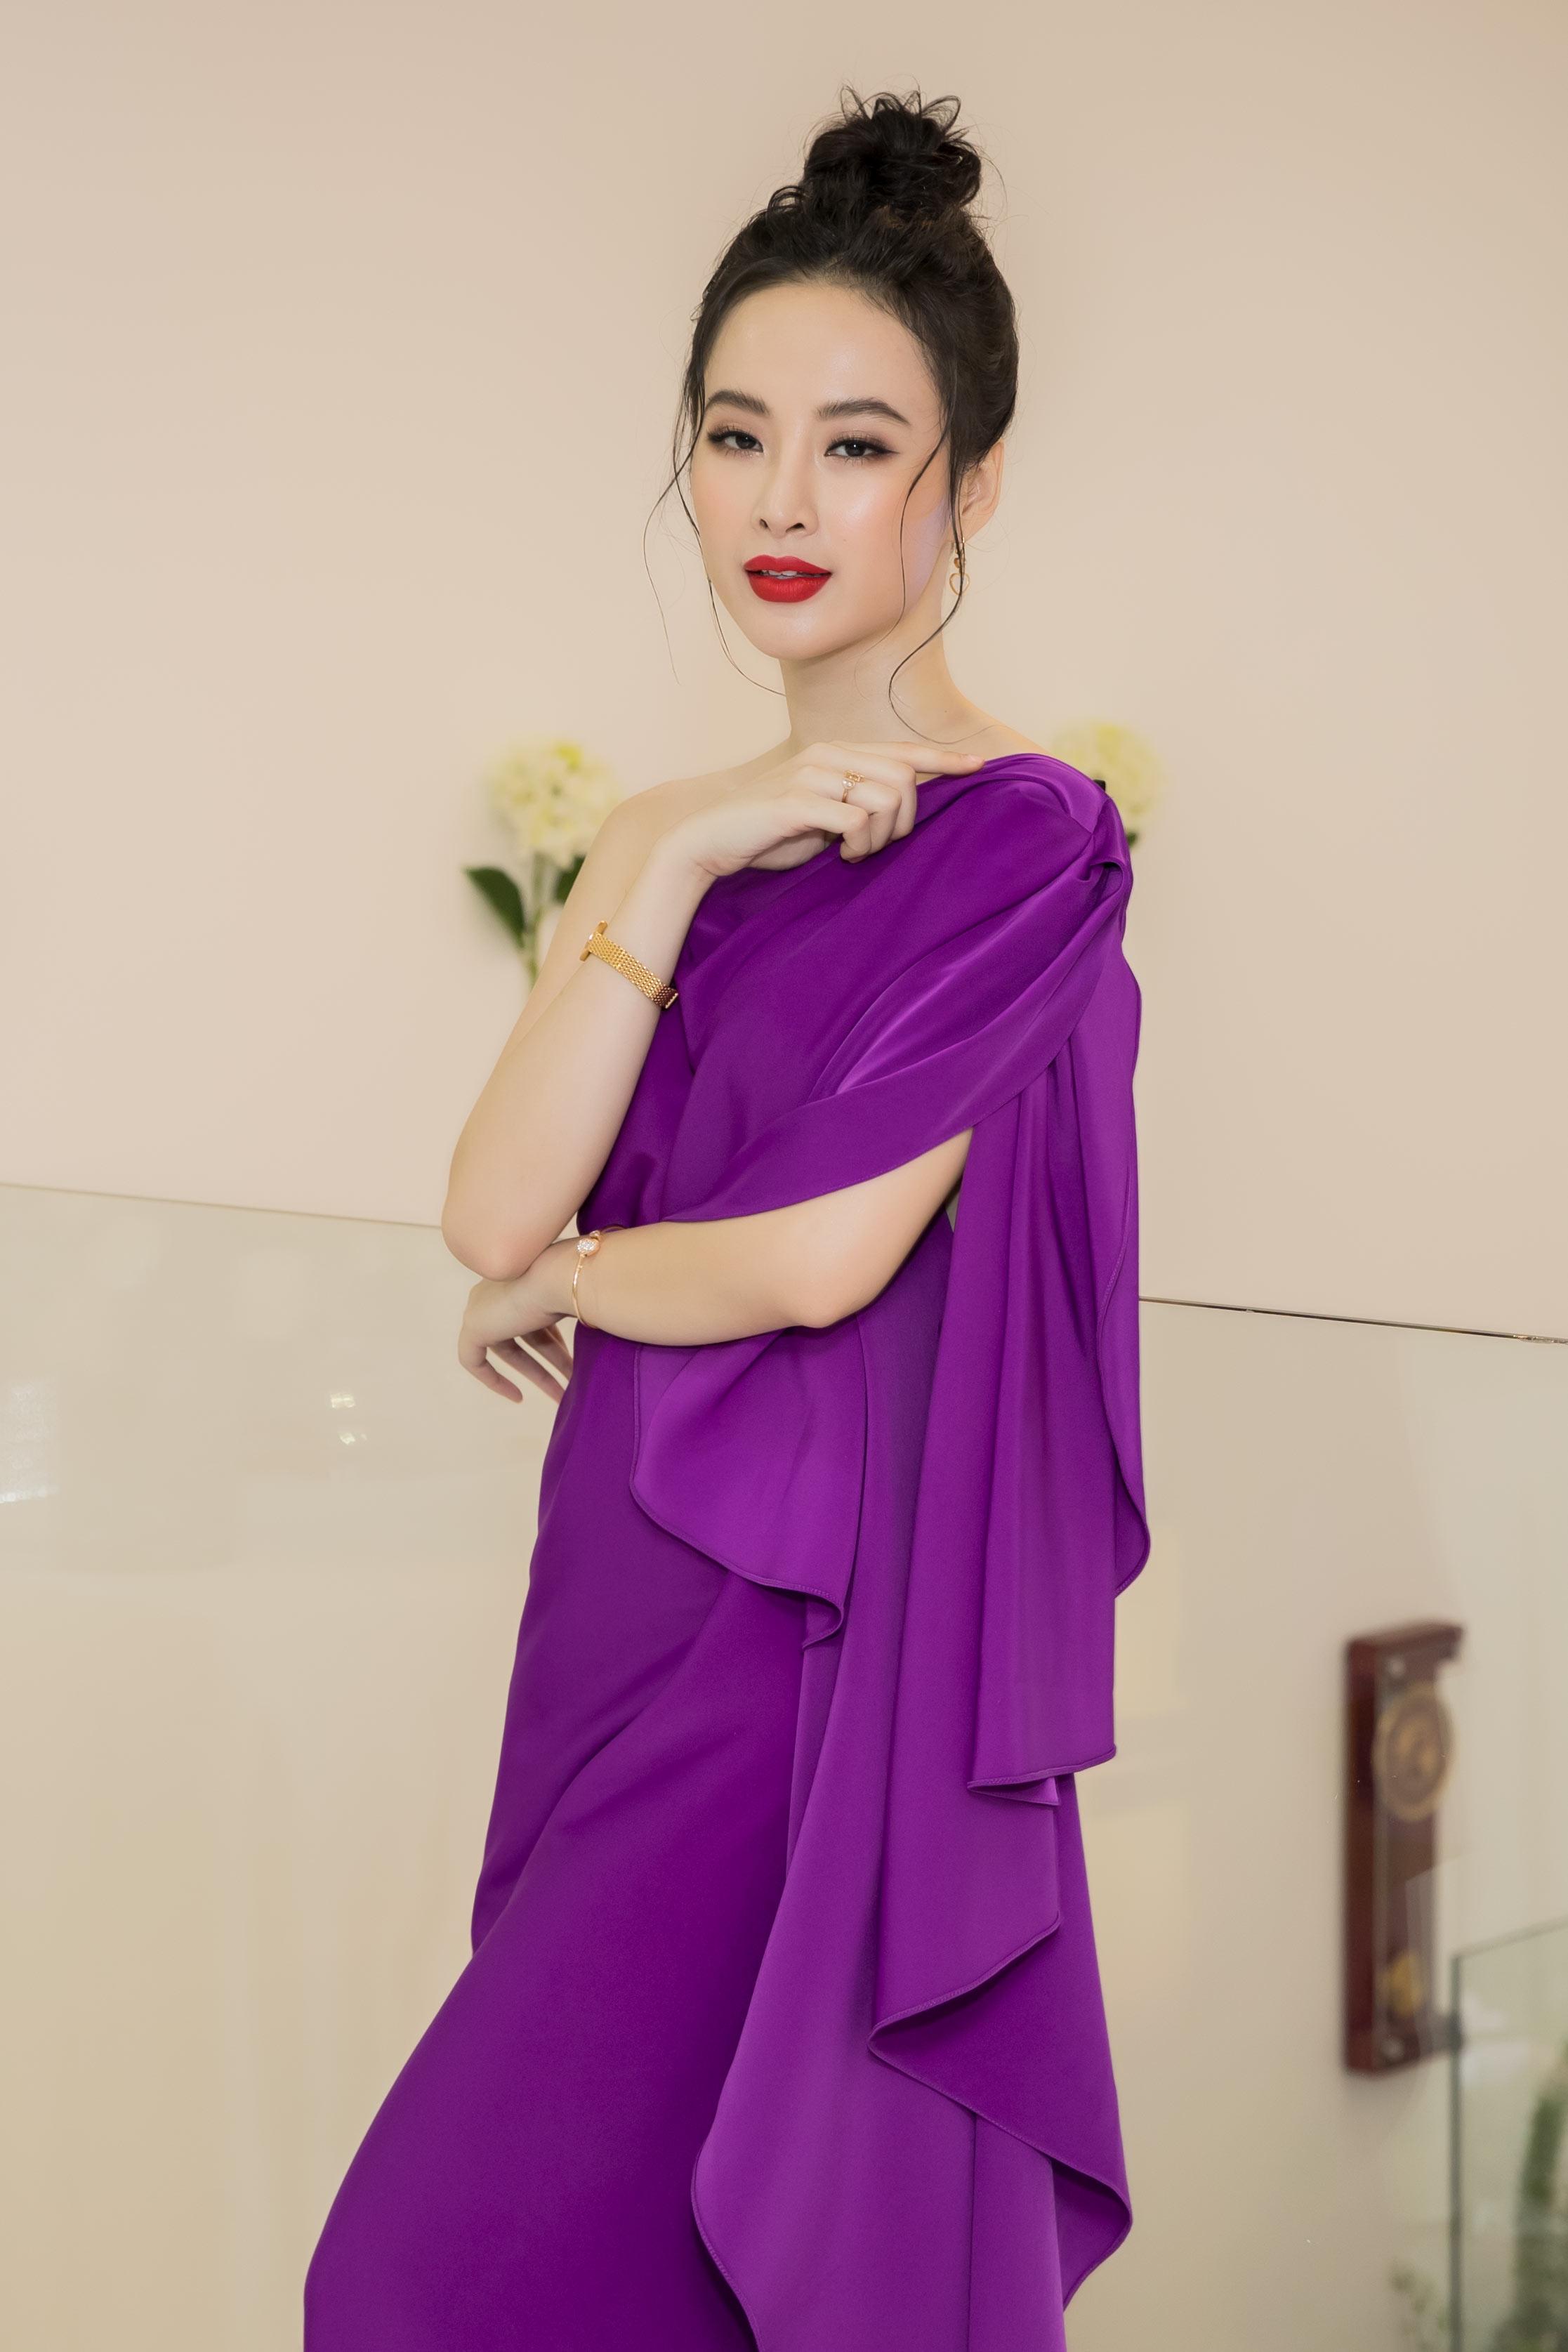 Đặt lên bàn cân nhan sắc dàn sao Việt tại sự kiện - Ảnh 8.